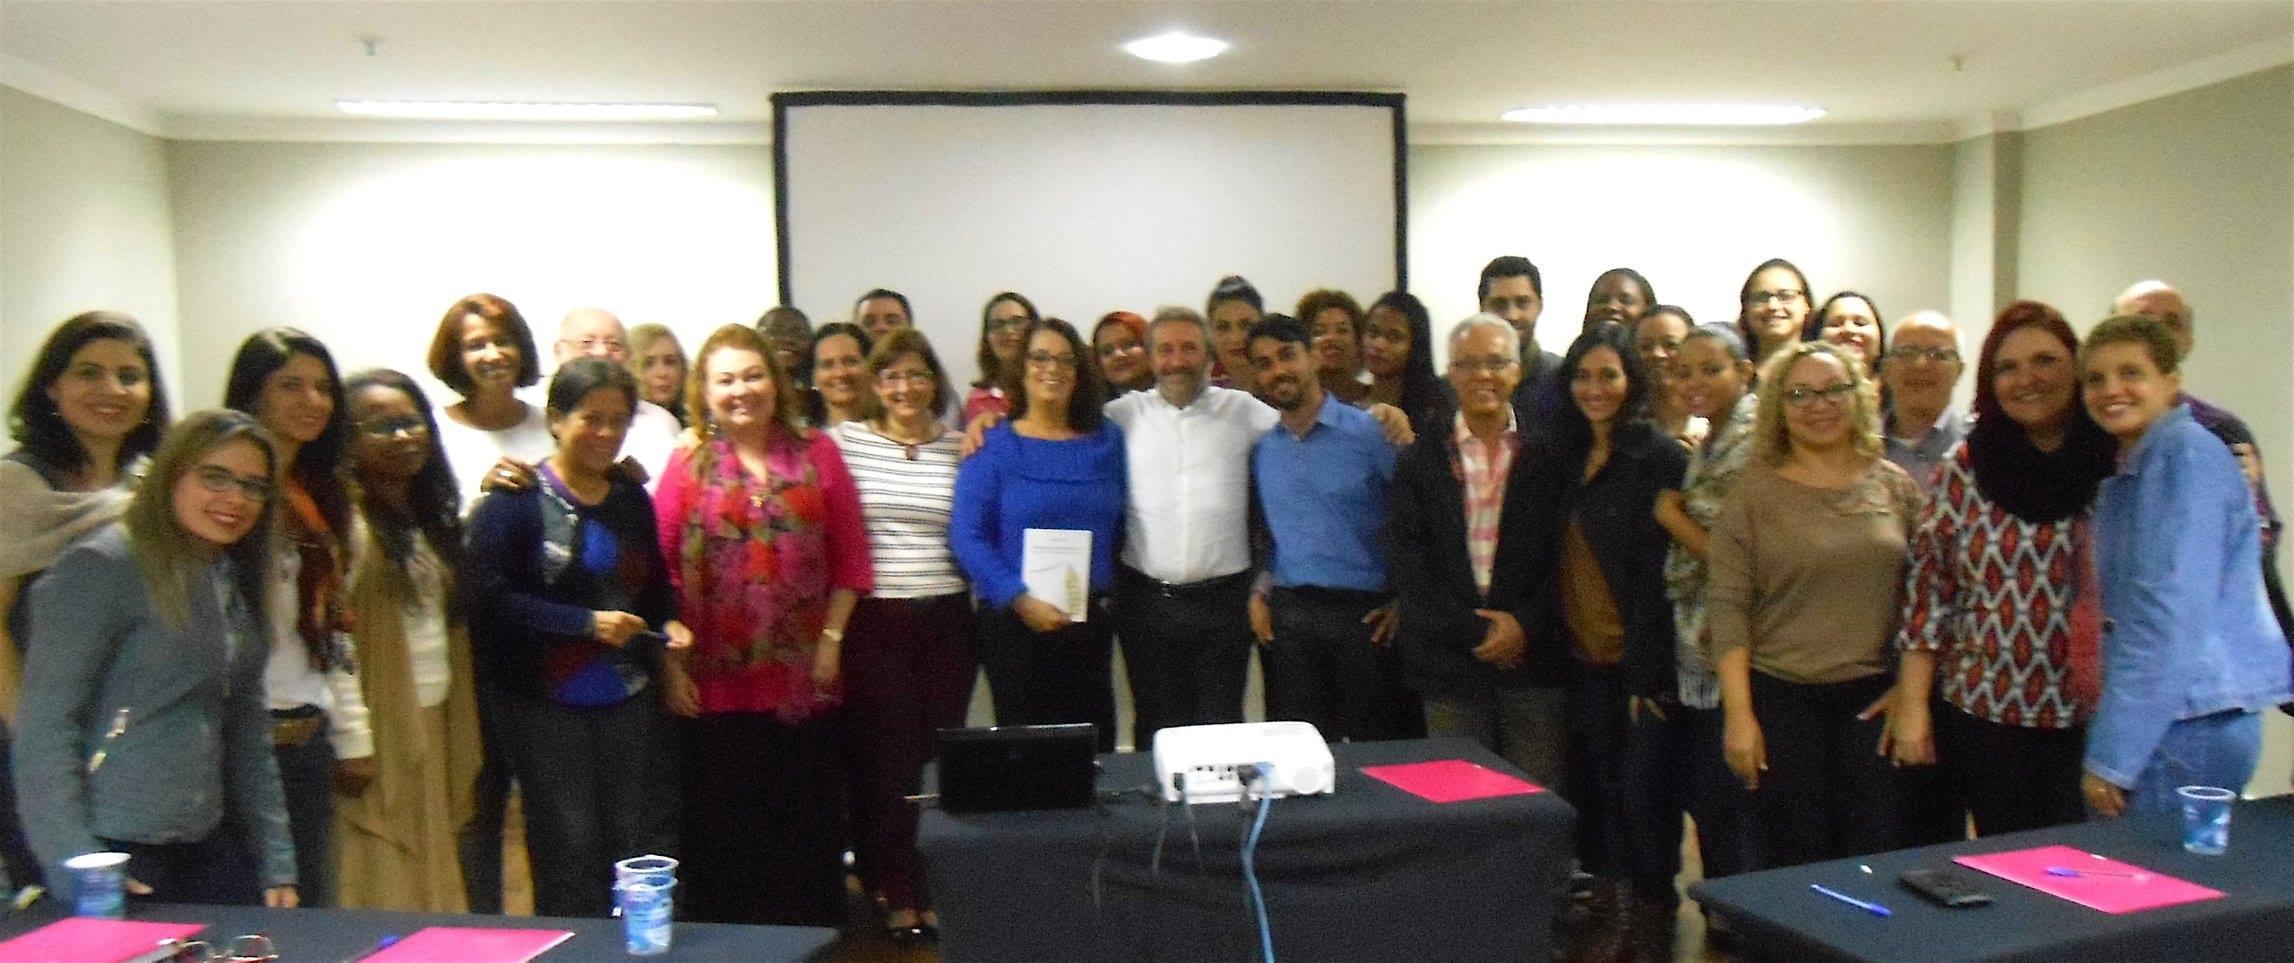 Turma do seminário de Grafopsicologia do crime, drogas e violência